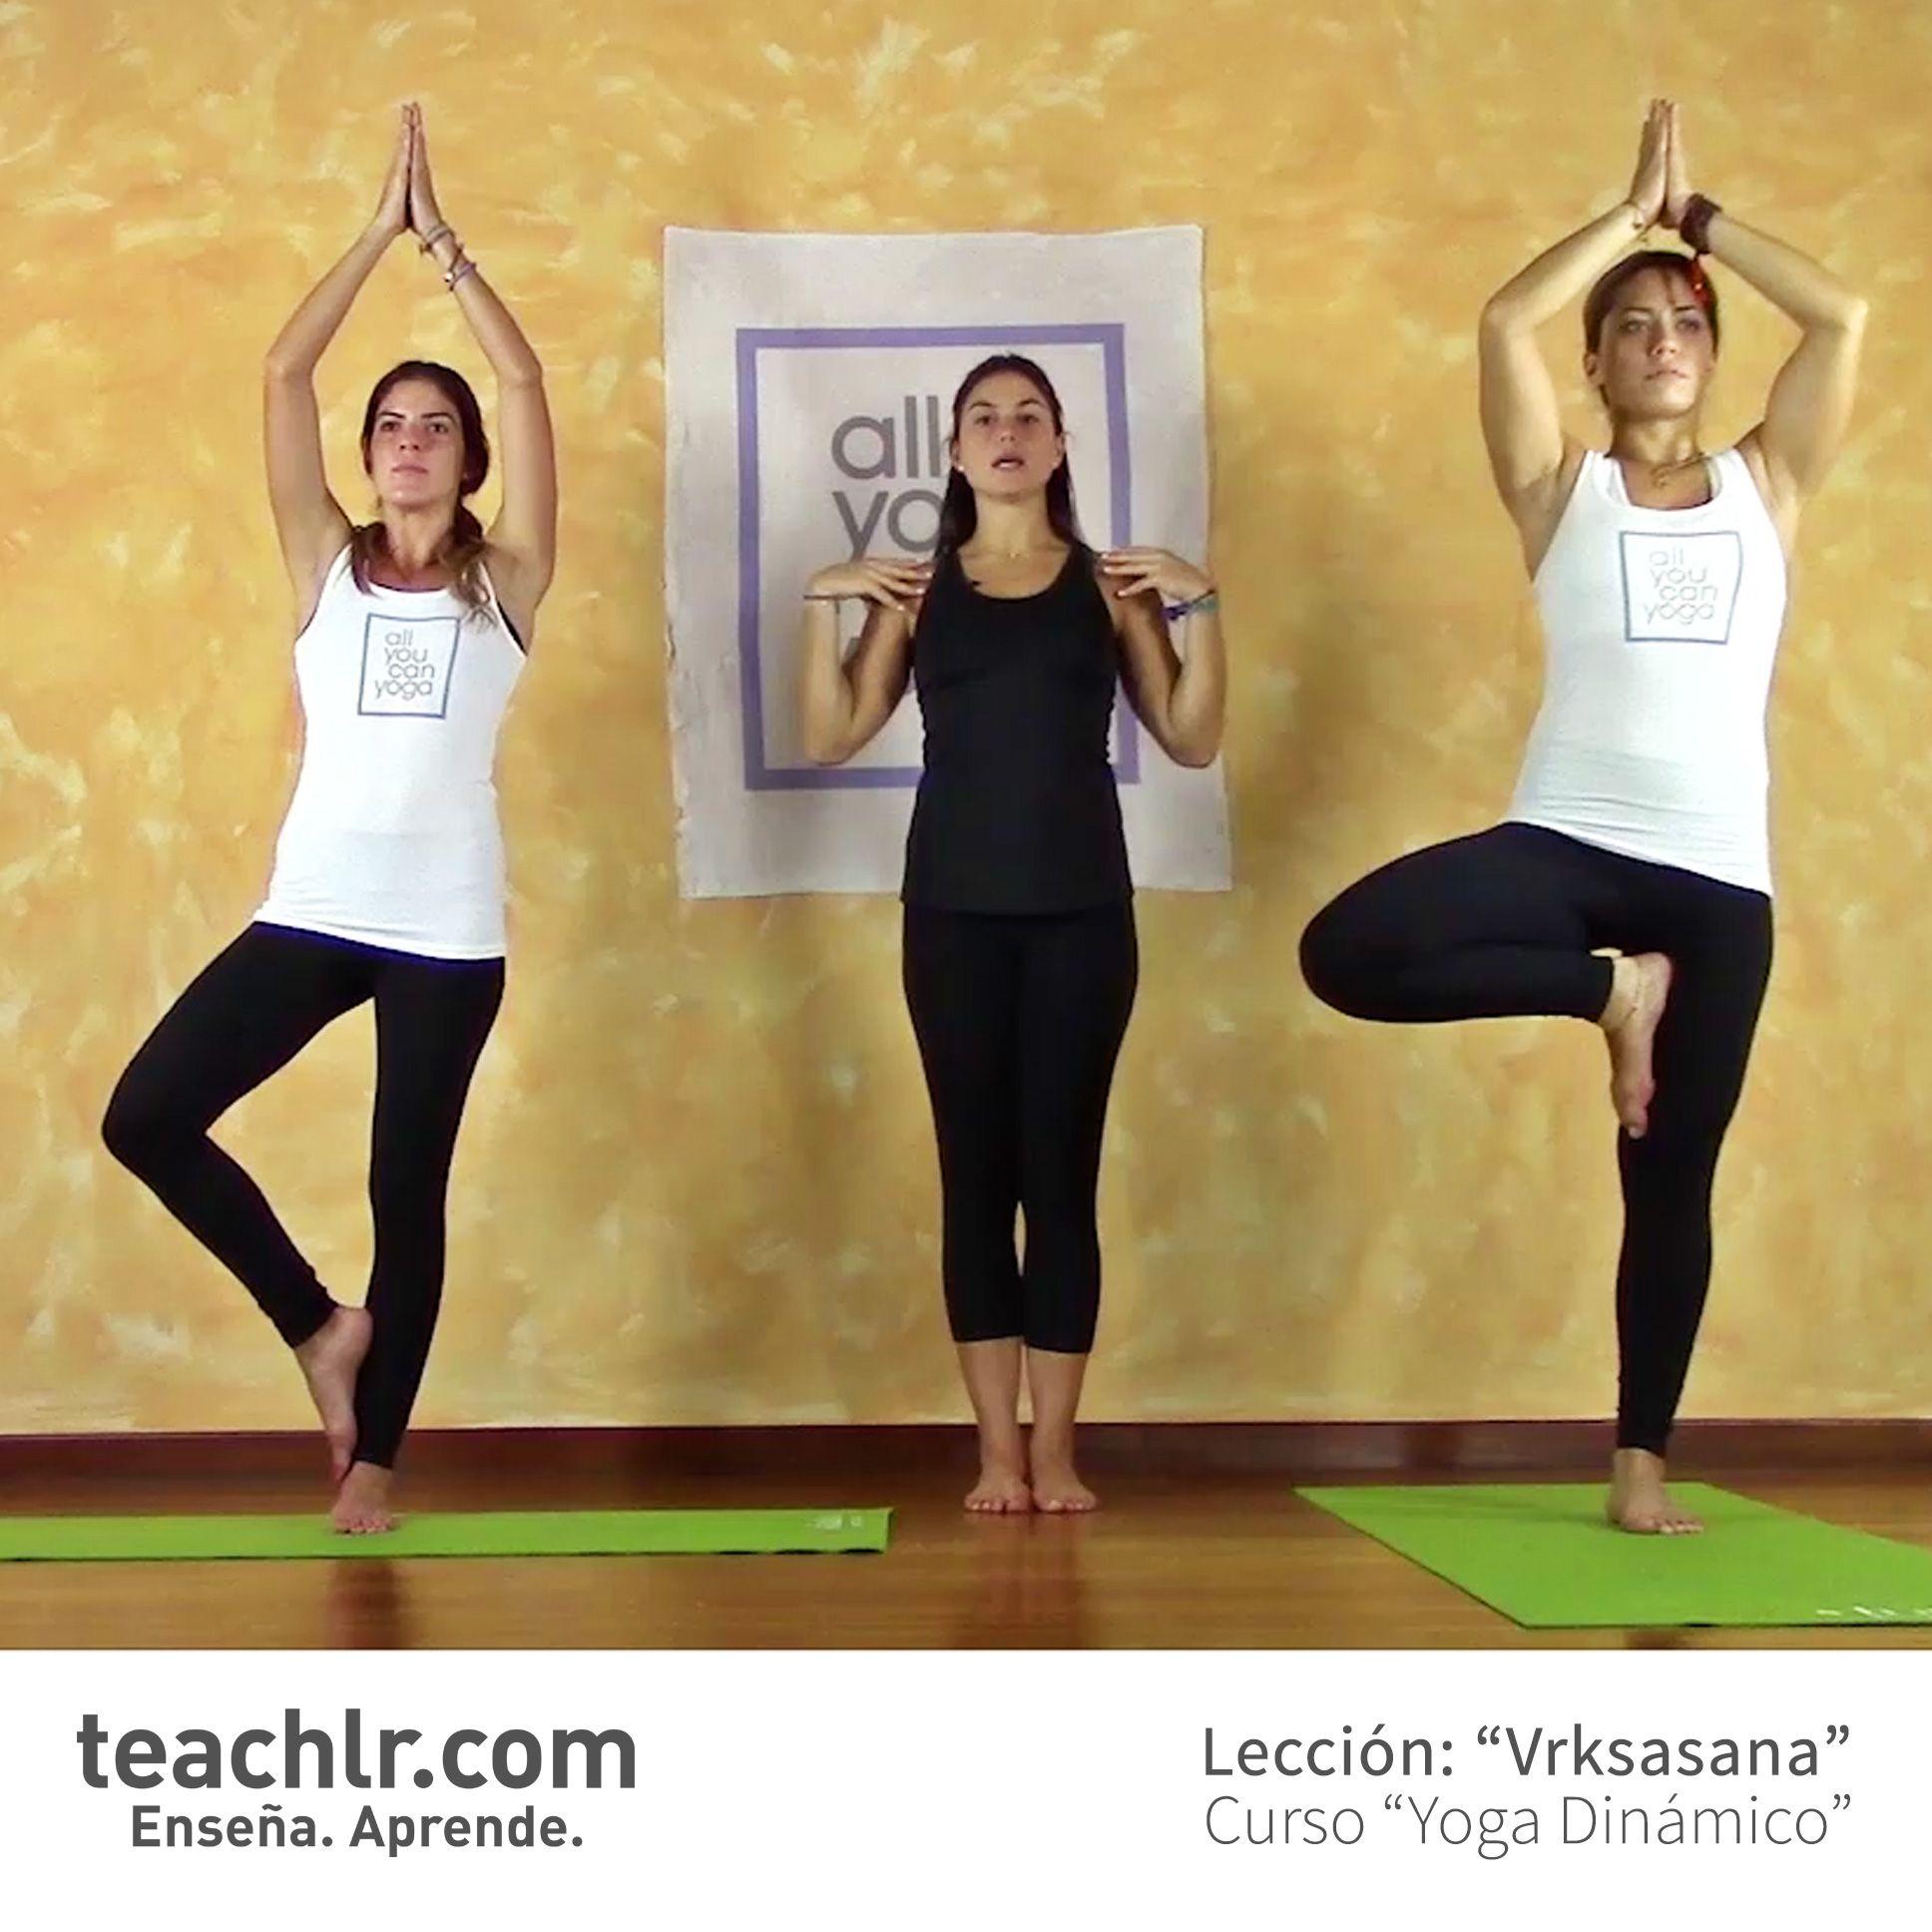 Explicaciones Detalladas De 28 Asanas 2 Flows 1 Meditación Empieza A Practicar Yoga Con El Curso Online Gratis Https Teachl Yoga Online Courses Online